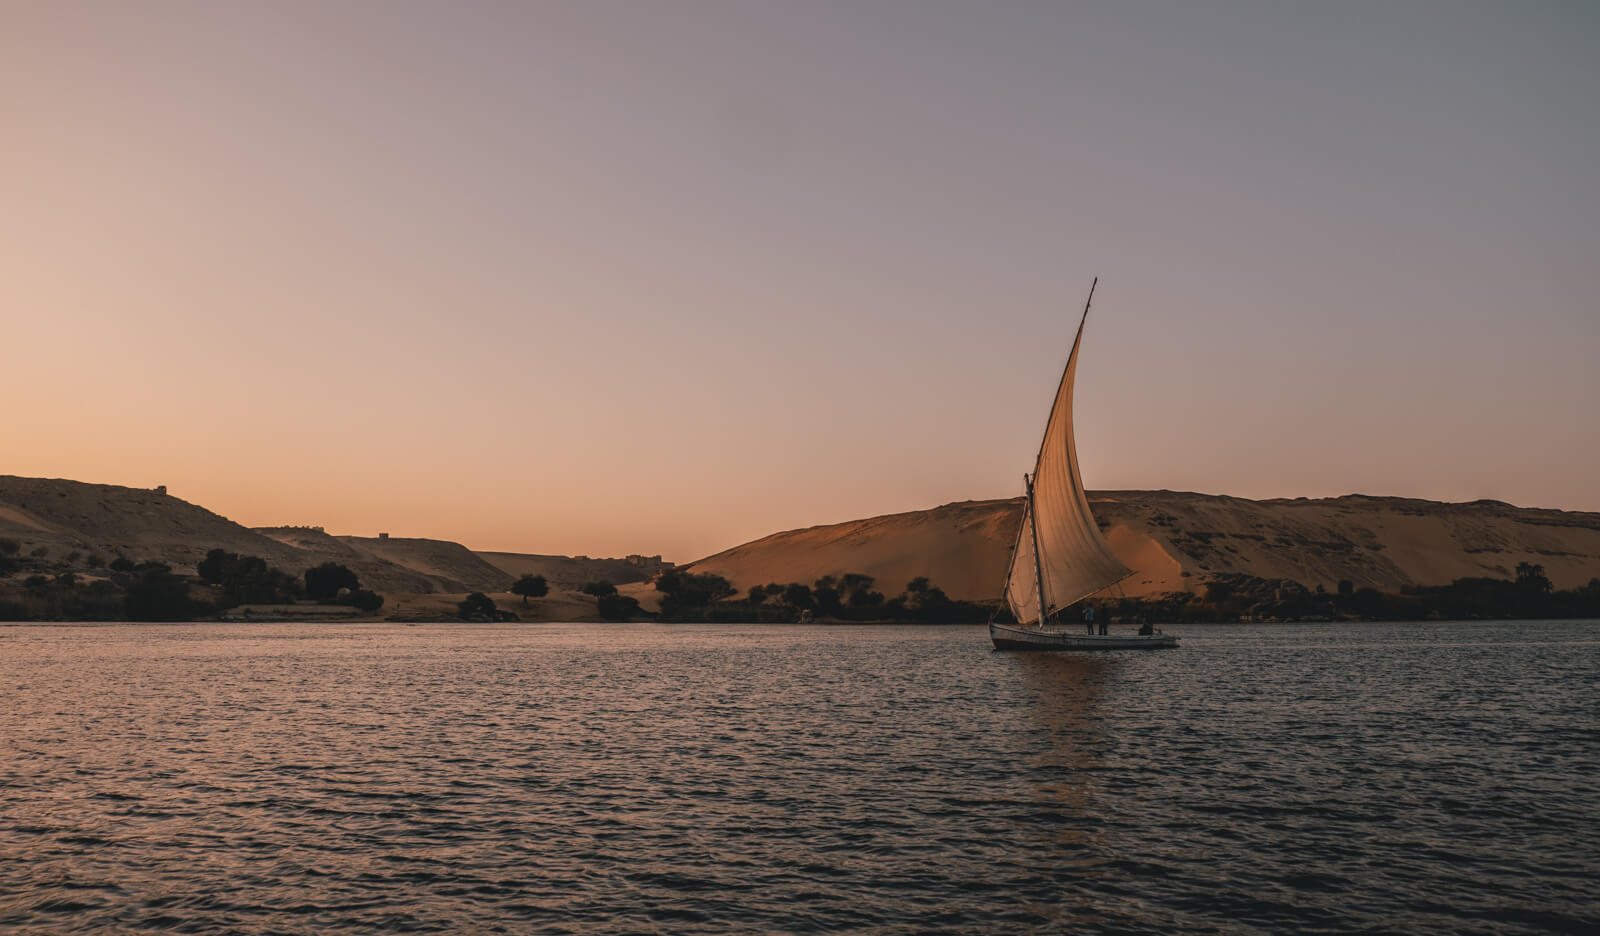 Mısır'da Nil üzerinde küçük bir yerel yelkenli